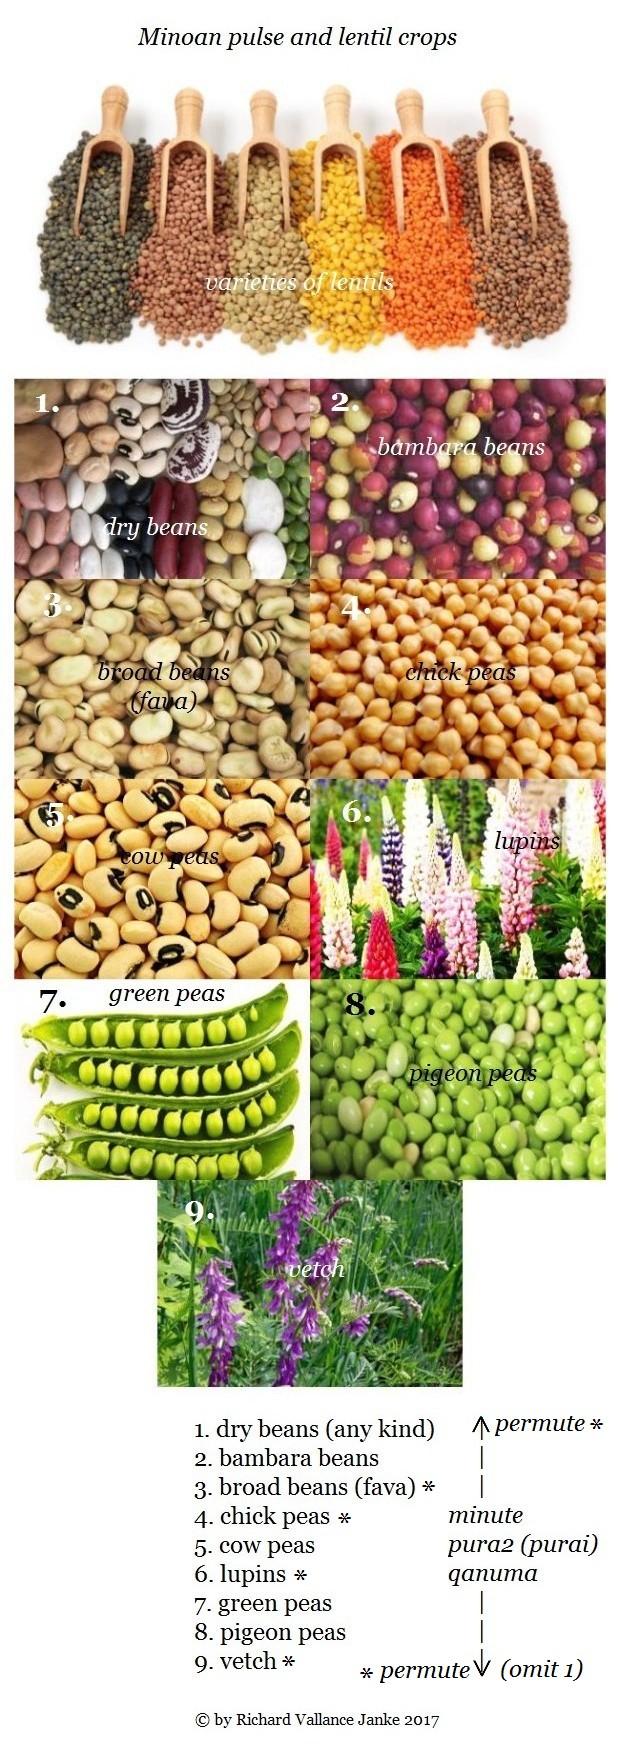 Minoan pulses diet